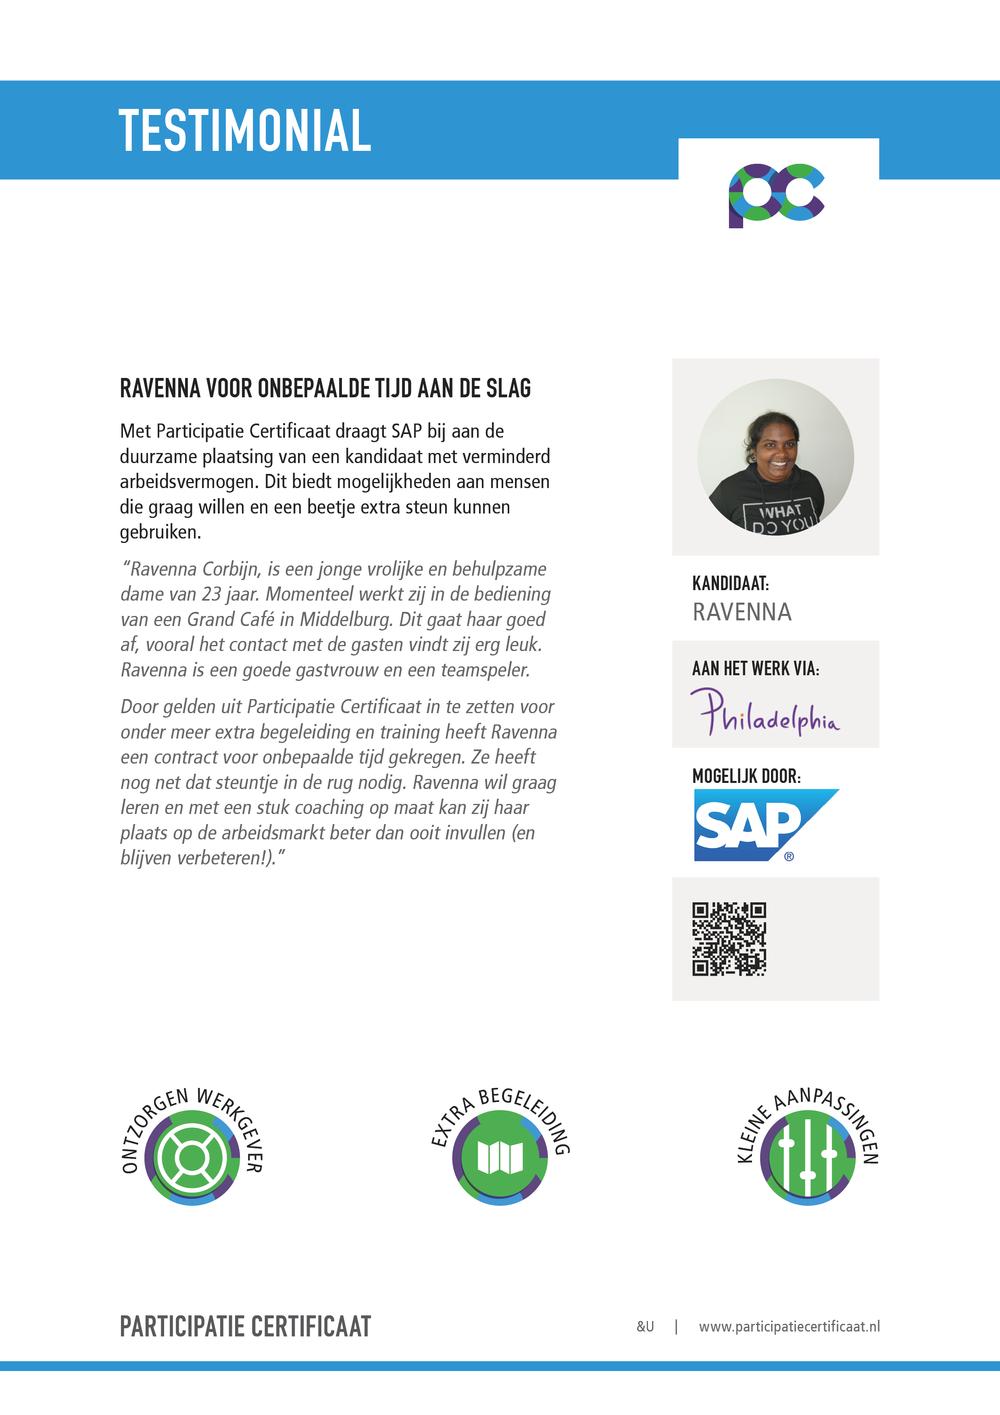 PC SAP - testimonial Ravenna.png